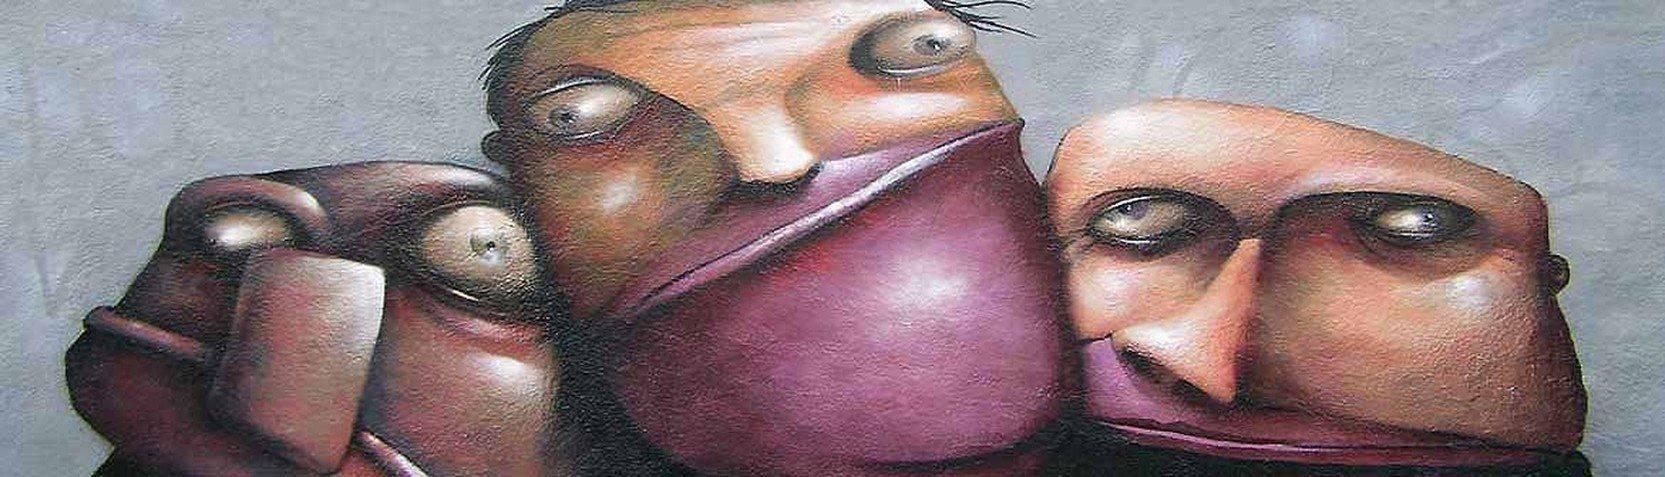 Kierunki w sztuce - Graffiti & streetart